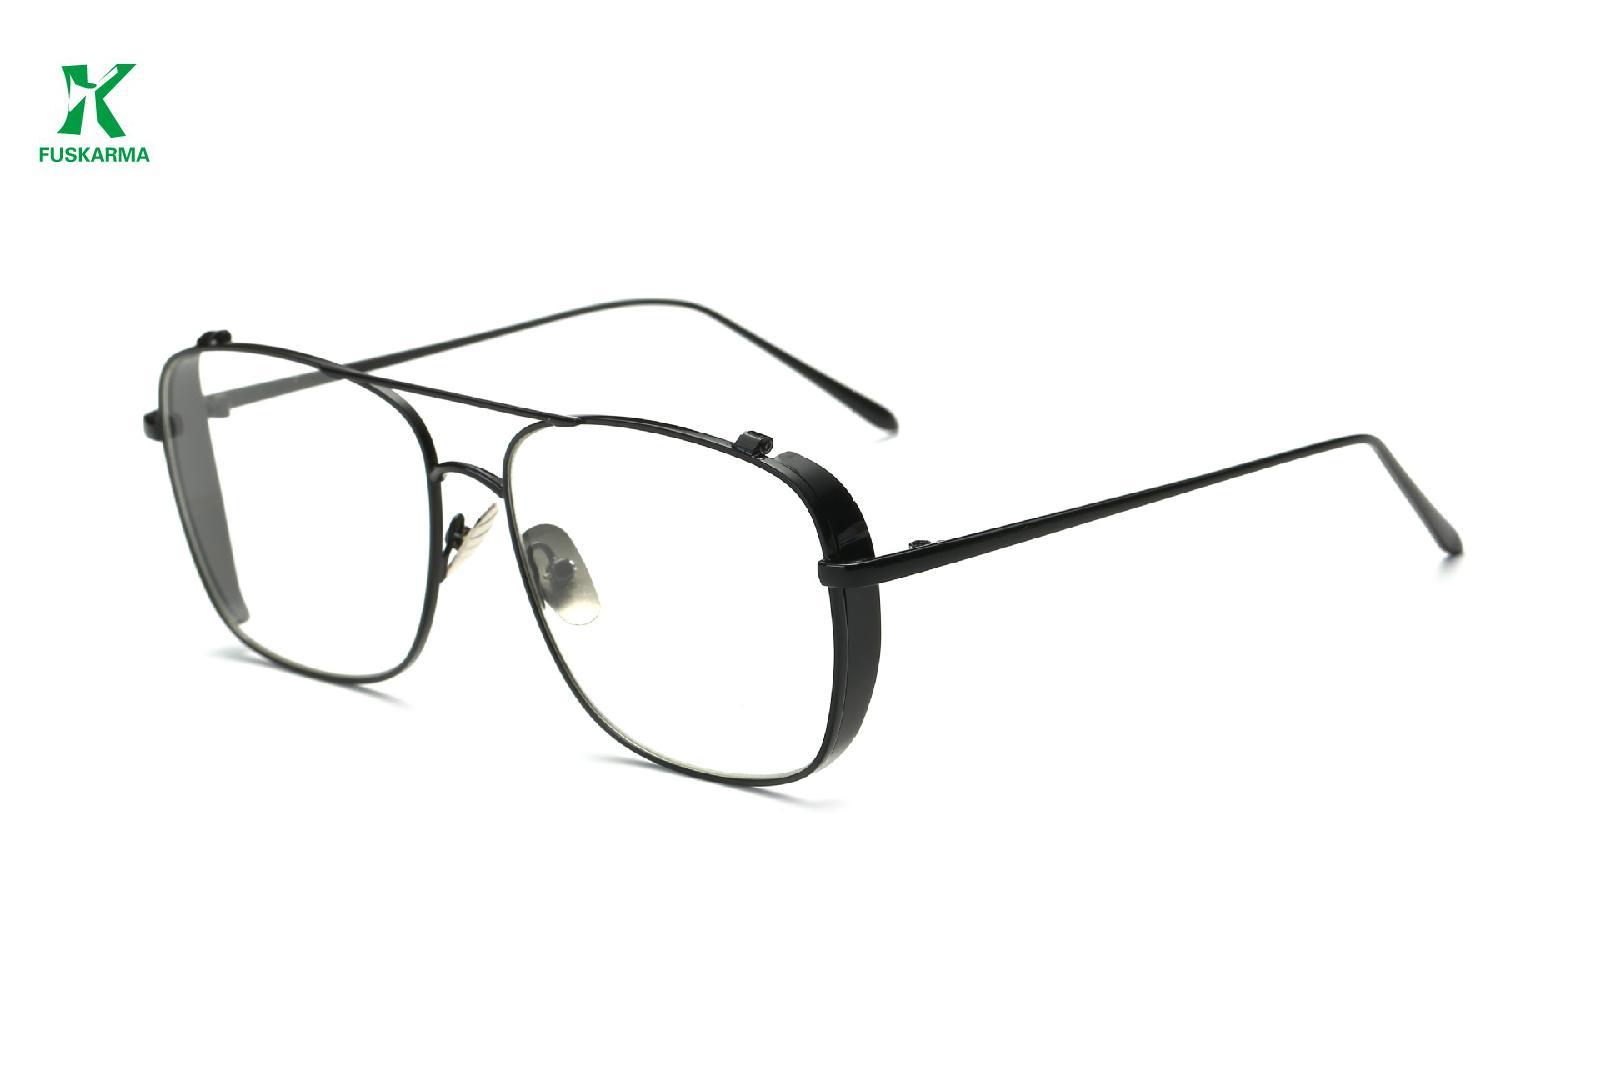 78745a975abc6 Compre FUSKARMA Mulheres Homens Óculos HD Resina Quadro Liga Espelho Plano  Quadro Para Prescrição Óculos Lente Clara De Metal De Ylingnei